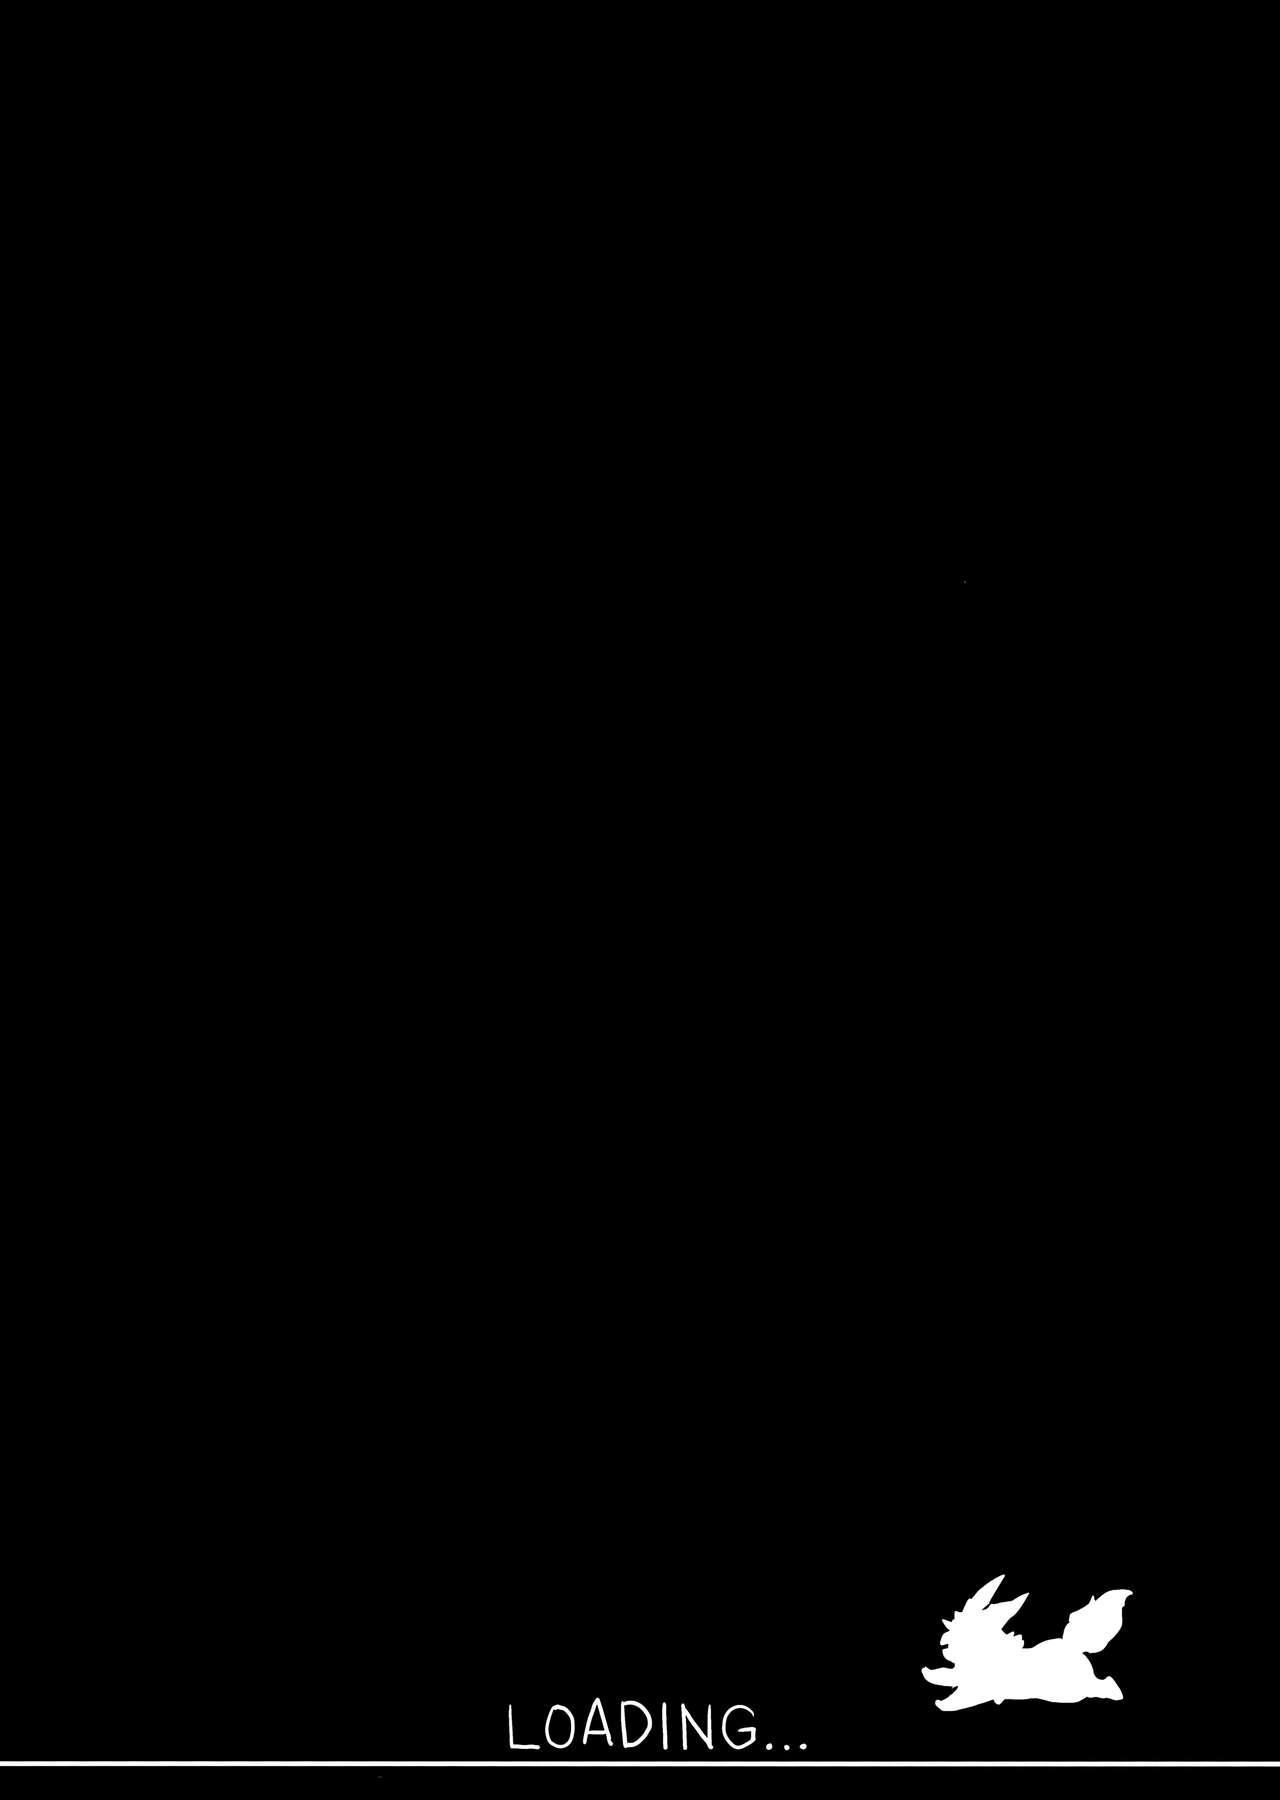 Okita Alter no Tanezuke Shuukai 5